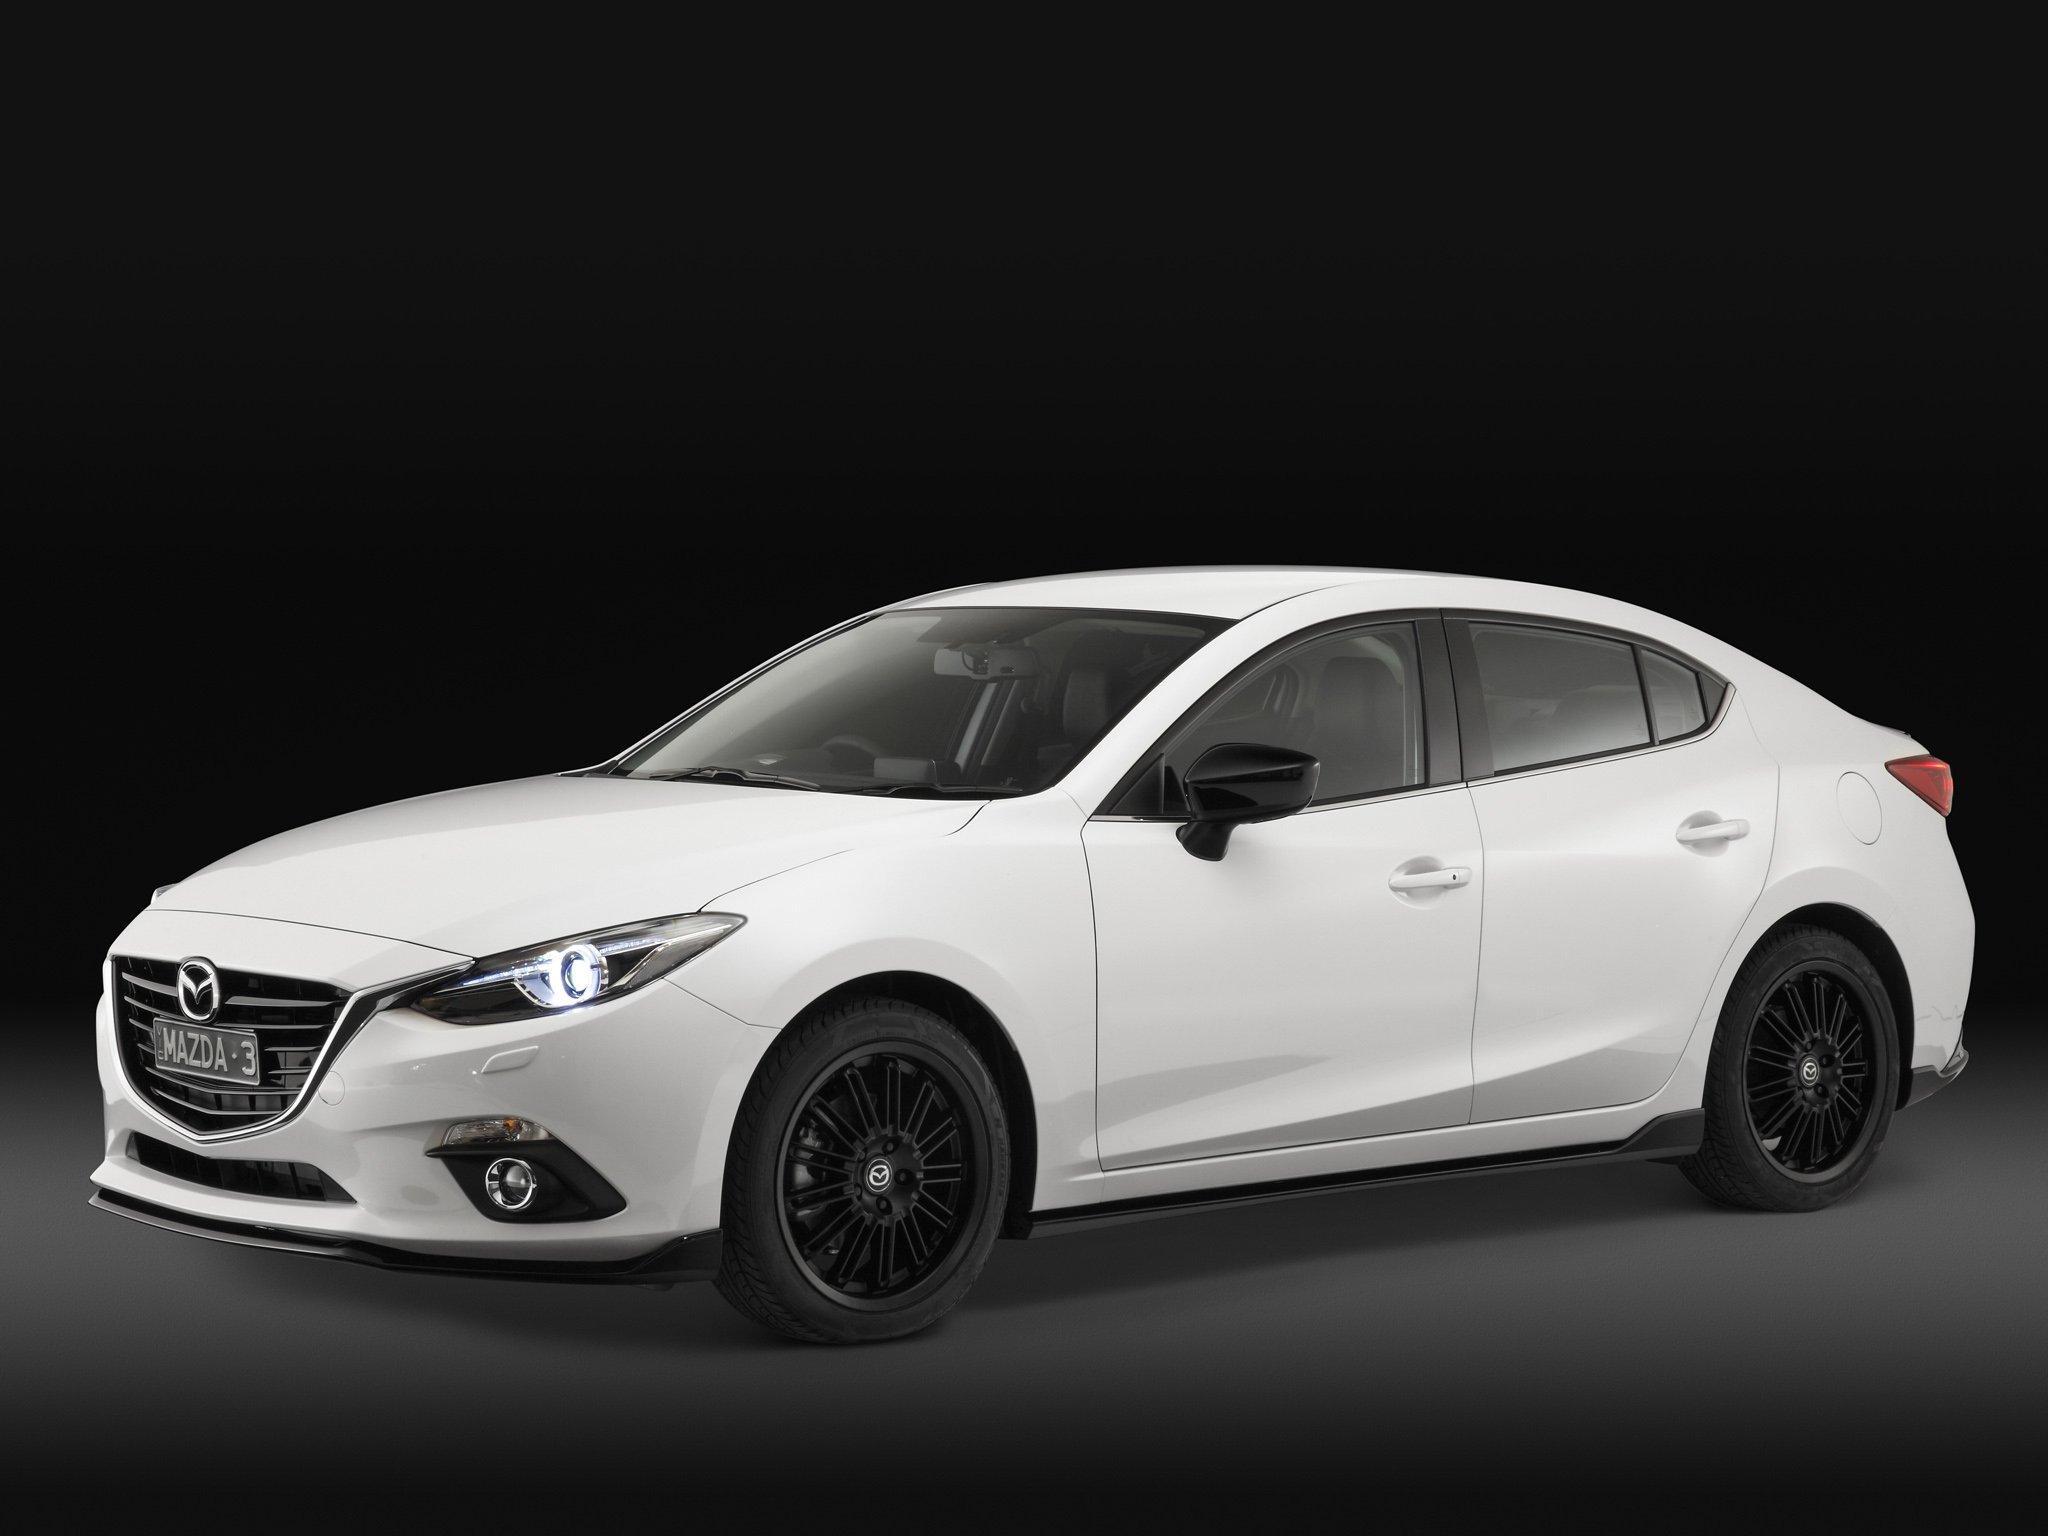 Mazda 3 2014 Sedan >> 2014 Mazda 3 Sedan Kuroi (B-M) f wallpaper | 2048x1536 | 245514 | WallpaperUP